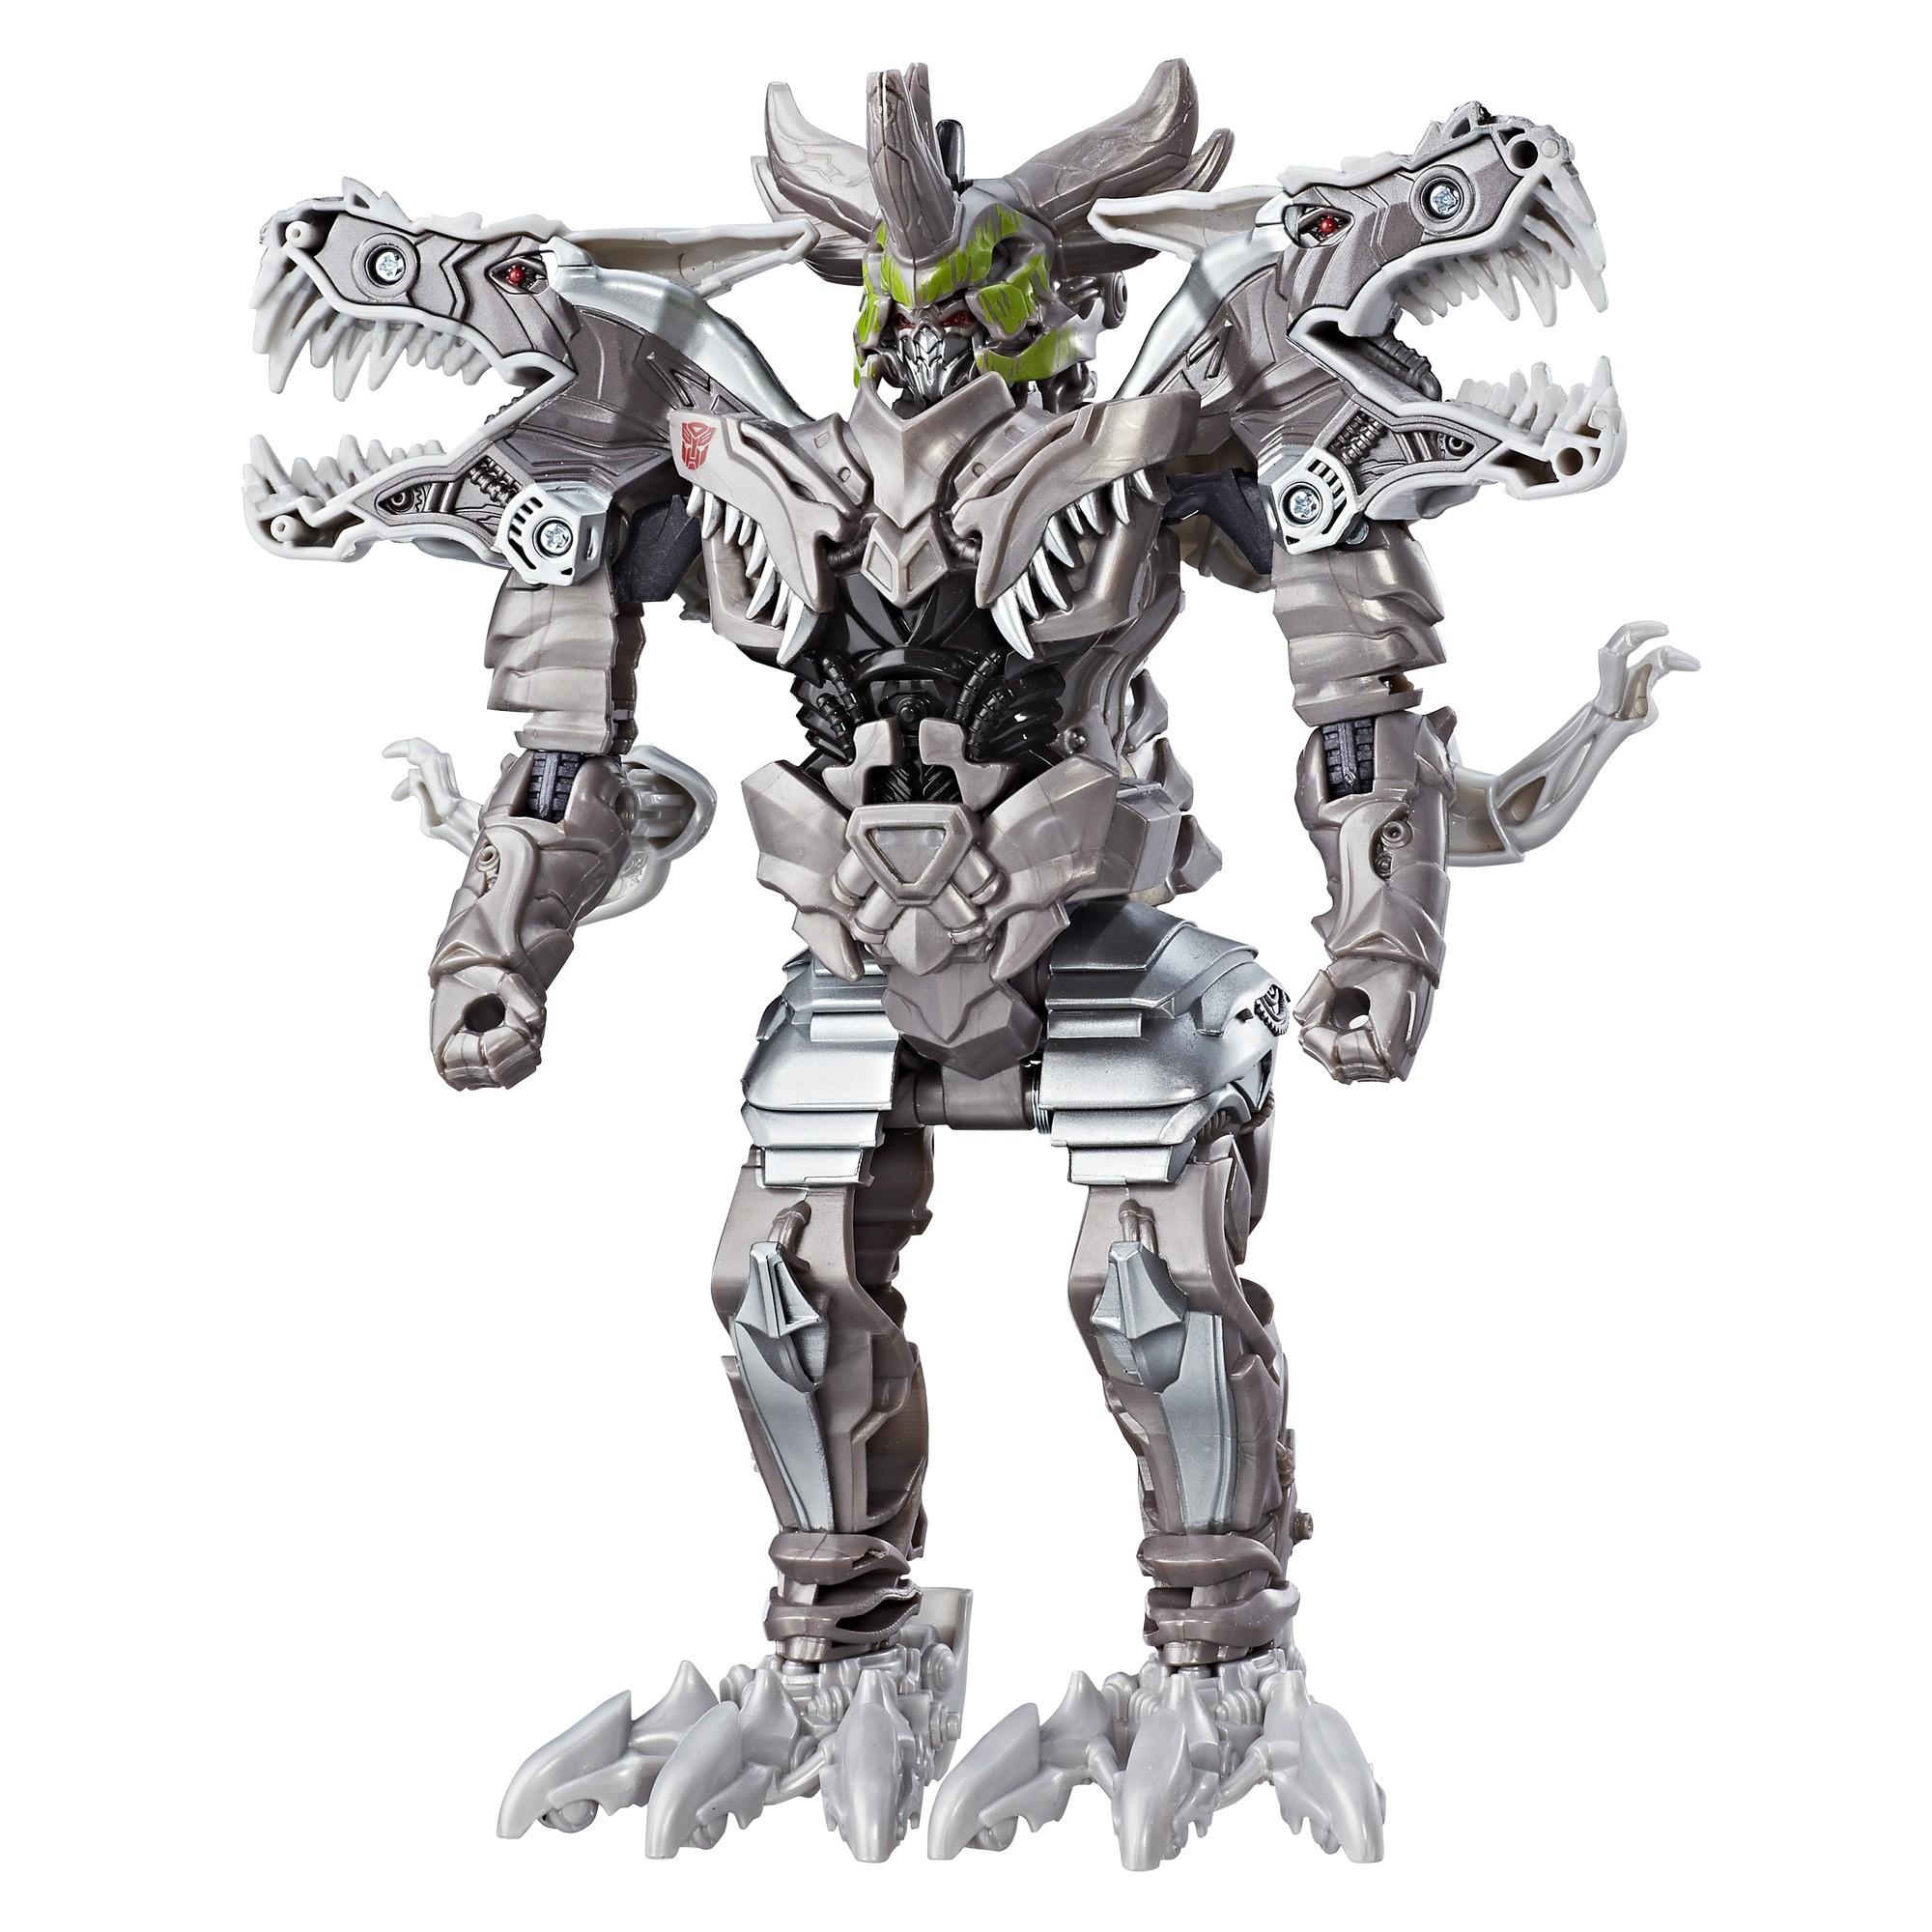 Фигурка из серии Трансформеры 5: Последний рыцарь  Гримлок - Игрушки трансформеры, артикул: 168189